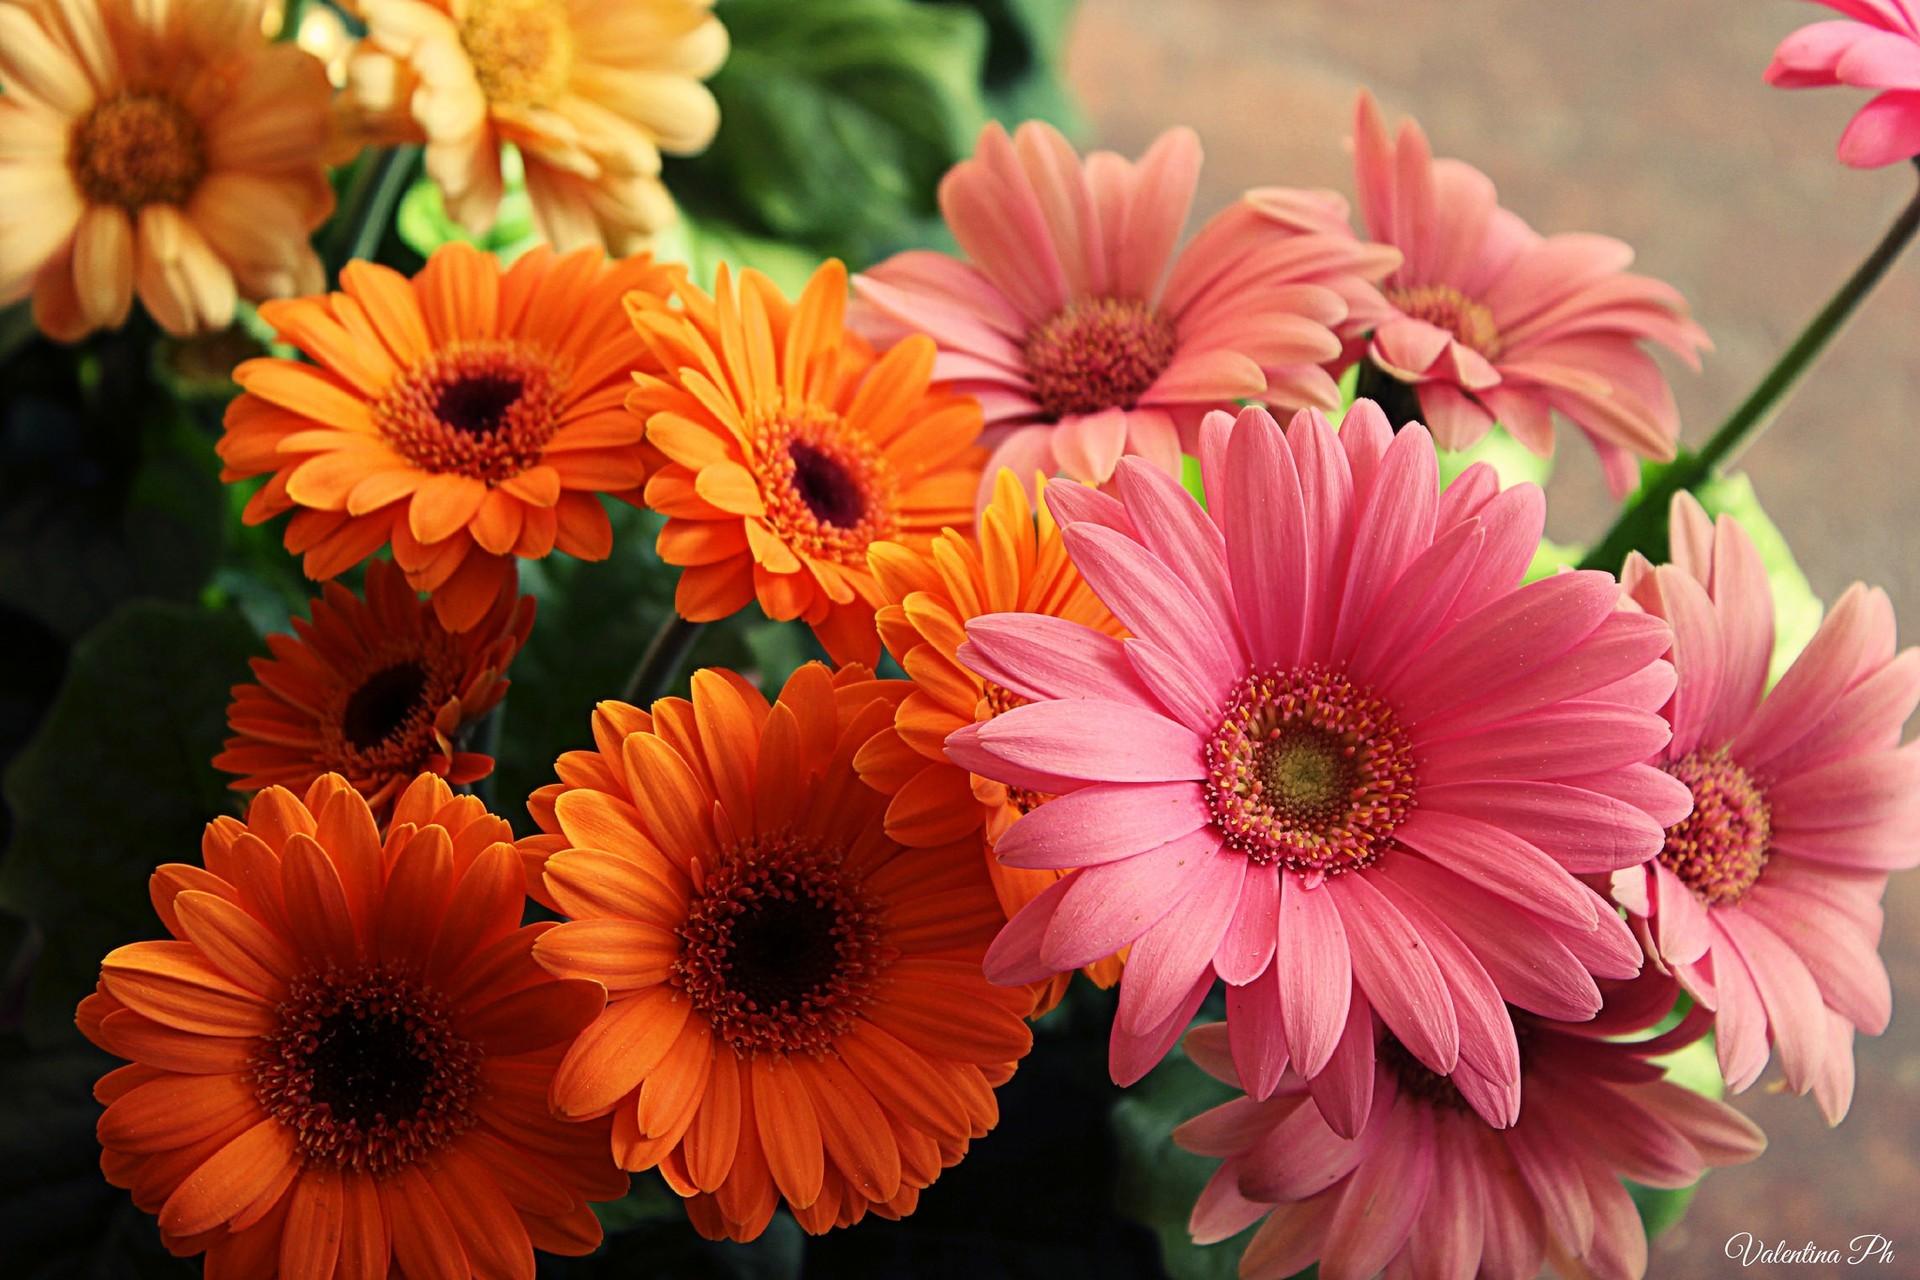 С днем рождения открытки цветы герберы, днем свадьбы поздравляю